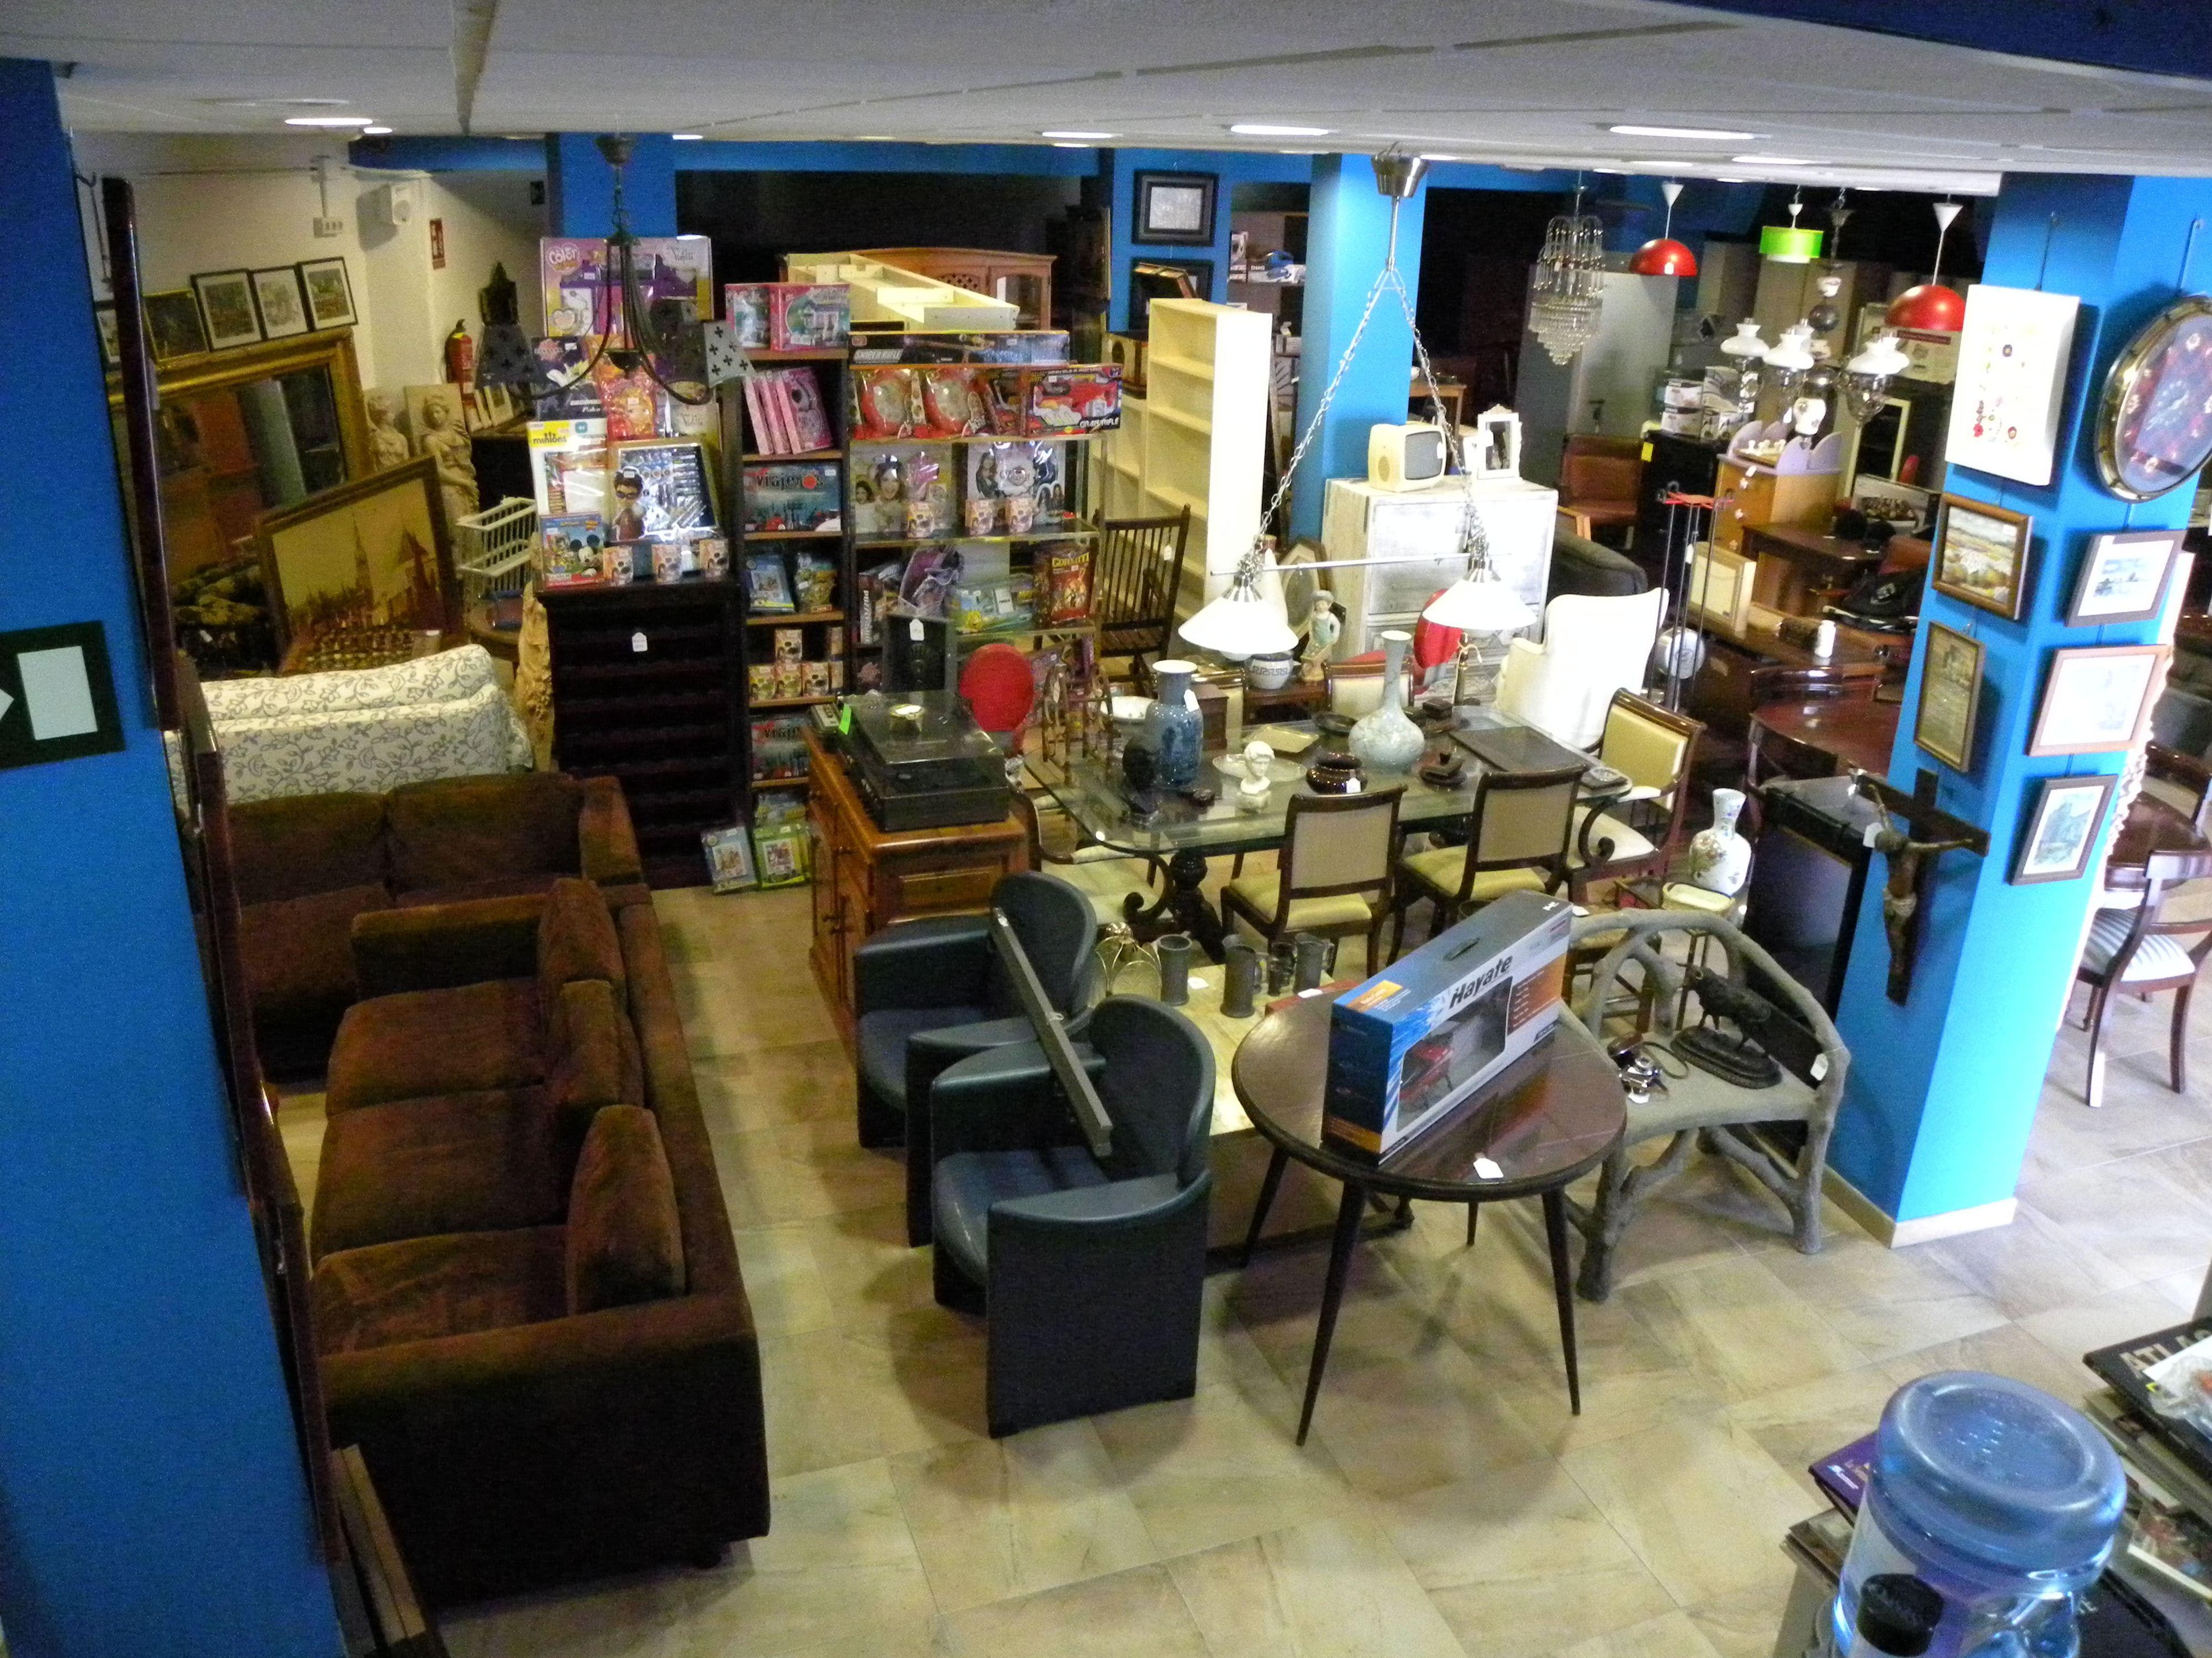 Foto 1 de muebles de ocasi n en camas merkathlon mercado - Muebles segunda mano en sevilla ...